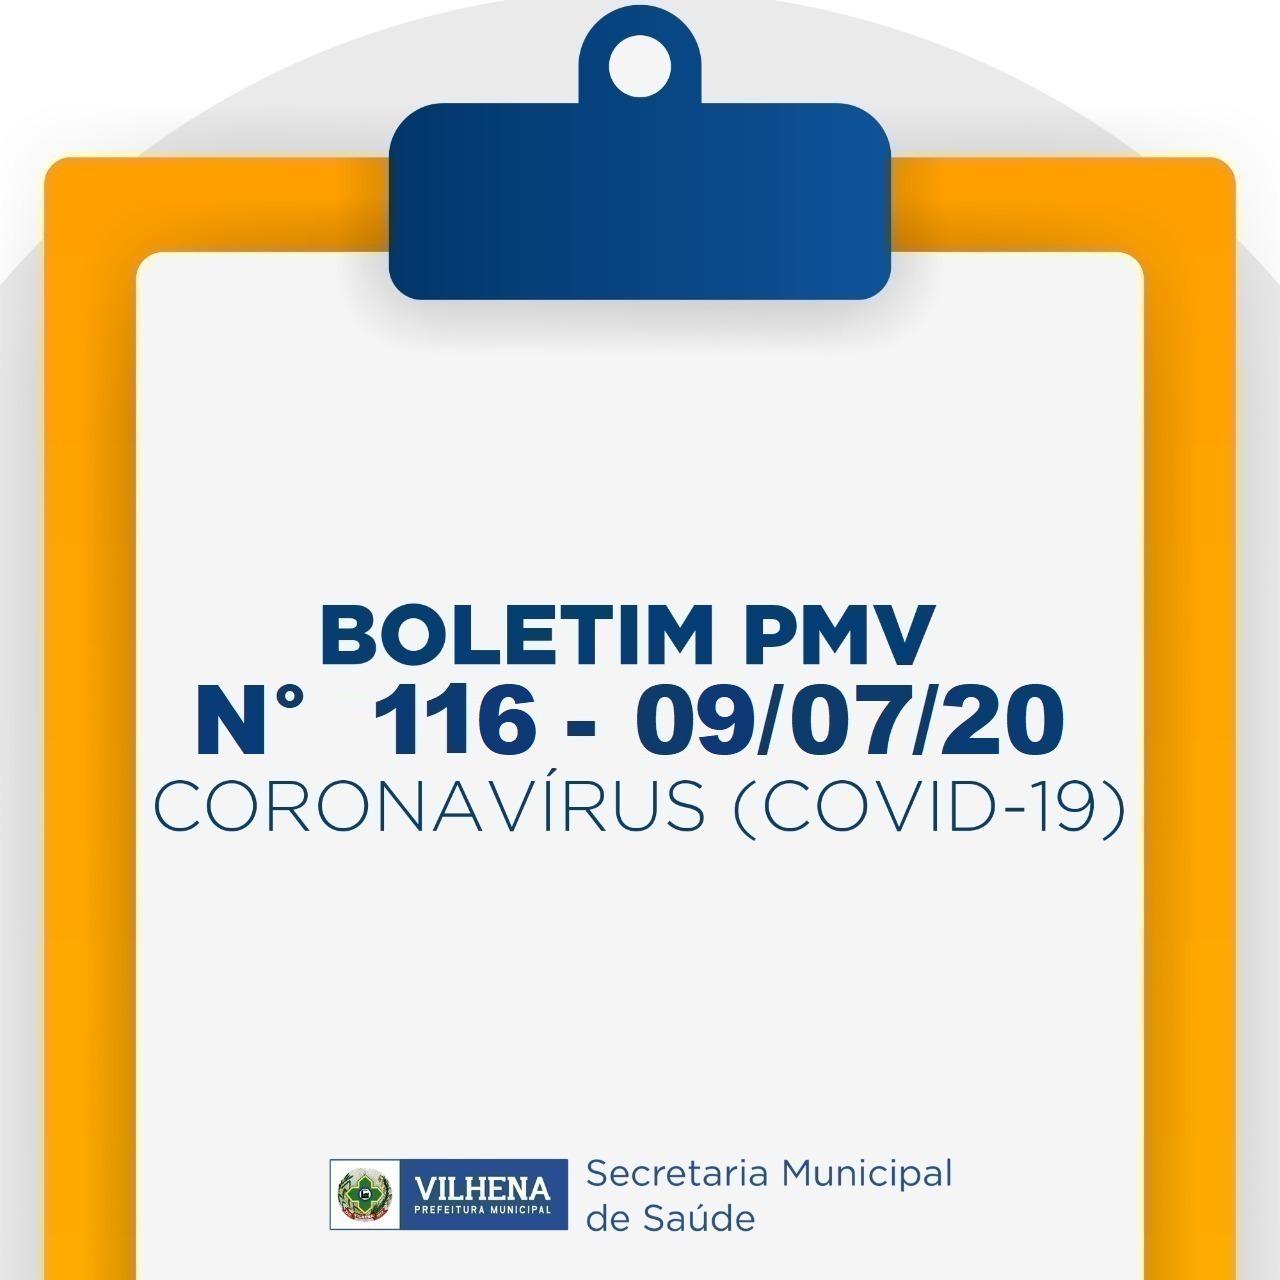 BOLETIM PMV Nº 116 - 09/07/20 - CORONAVÍRUS (COVID-19)